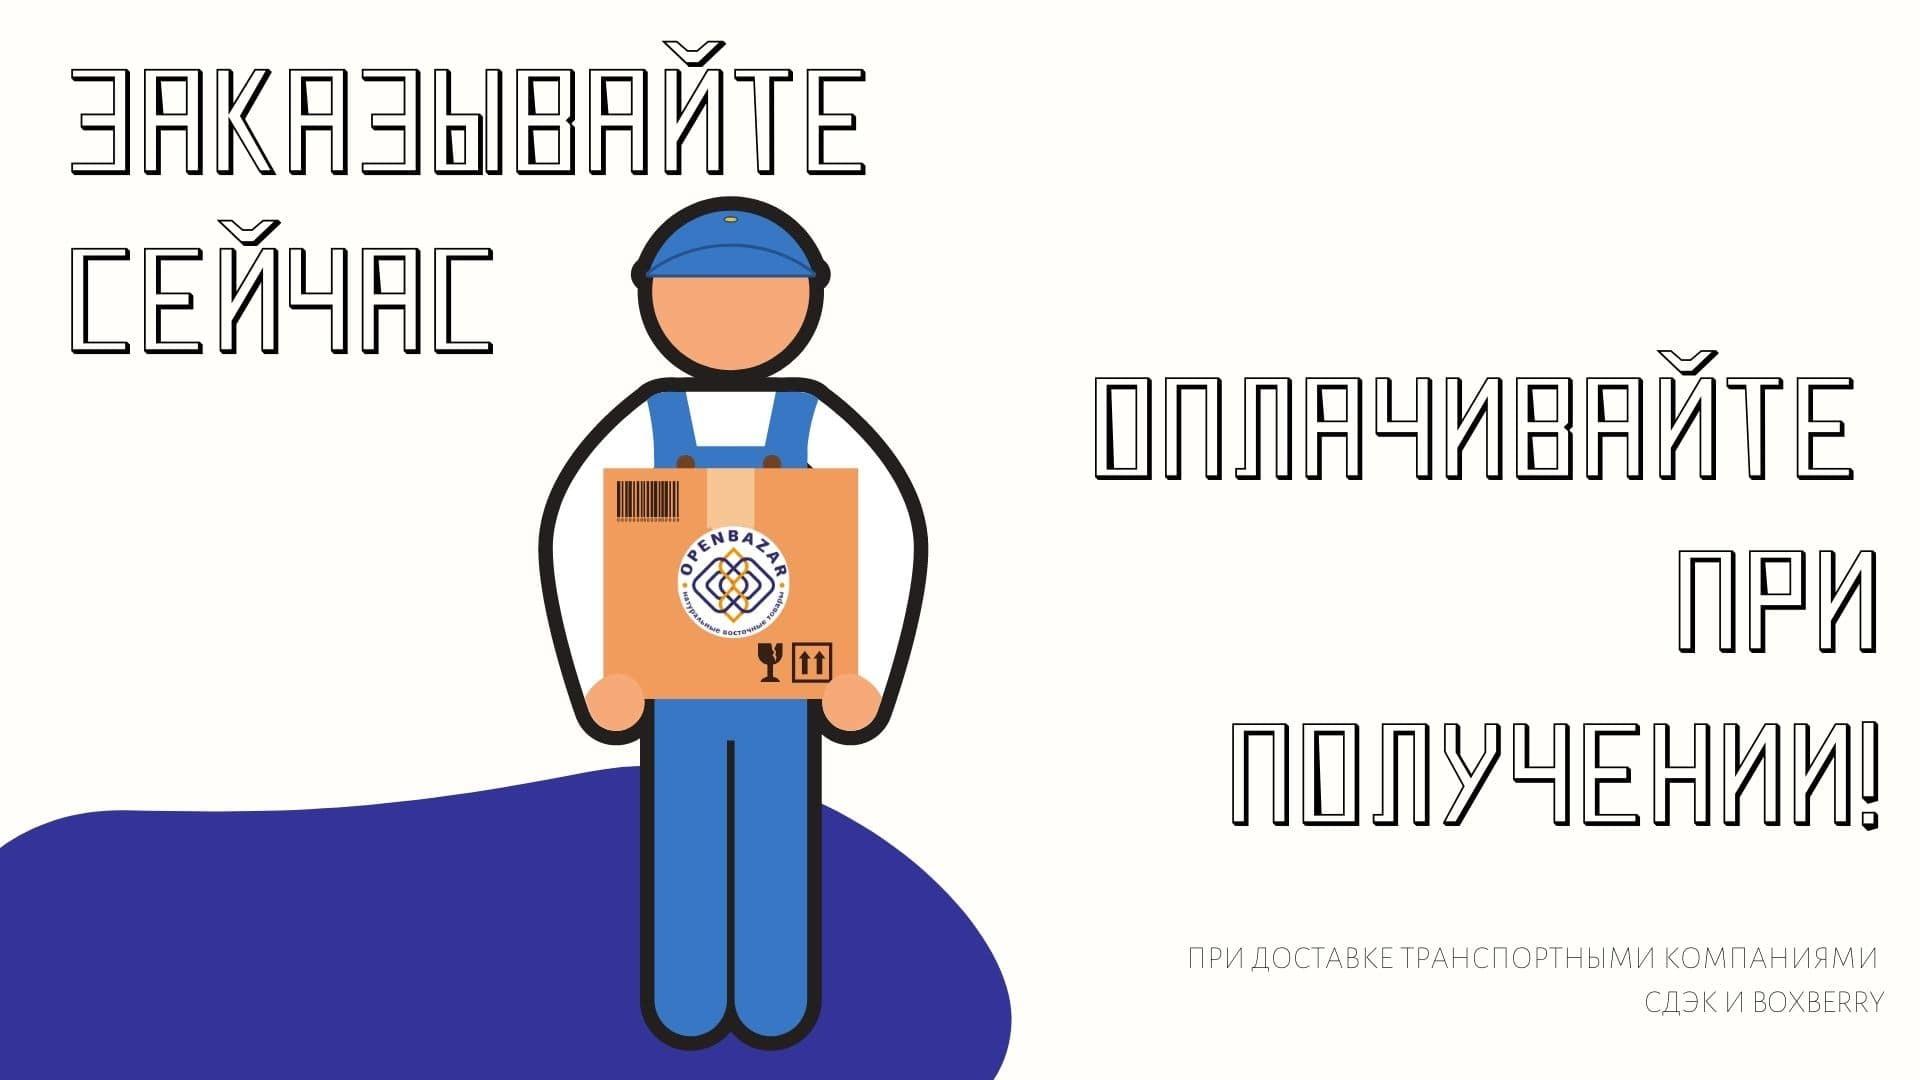 Вновь доступна оплата при получении на пункте выдачи СДЭК и BOXBERRY!